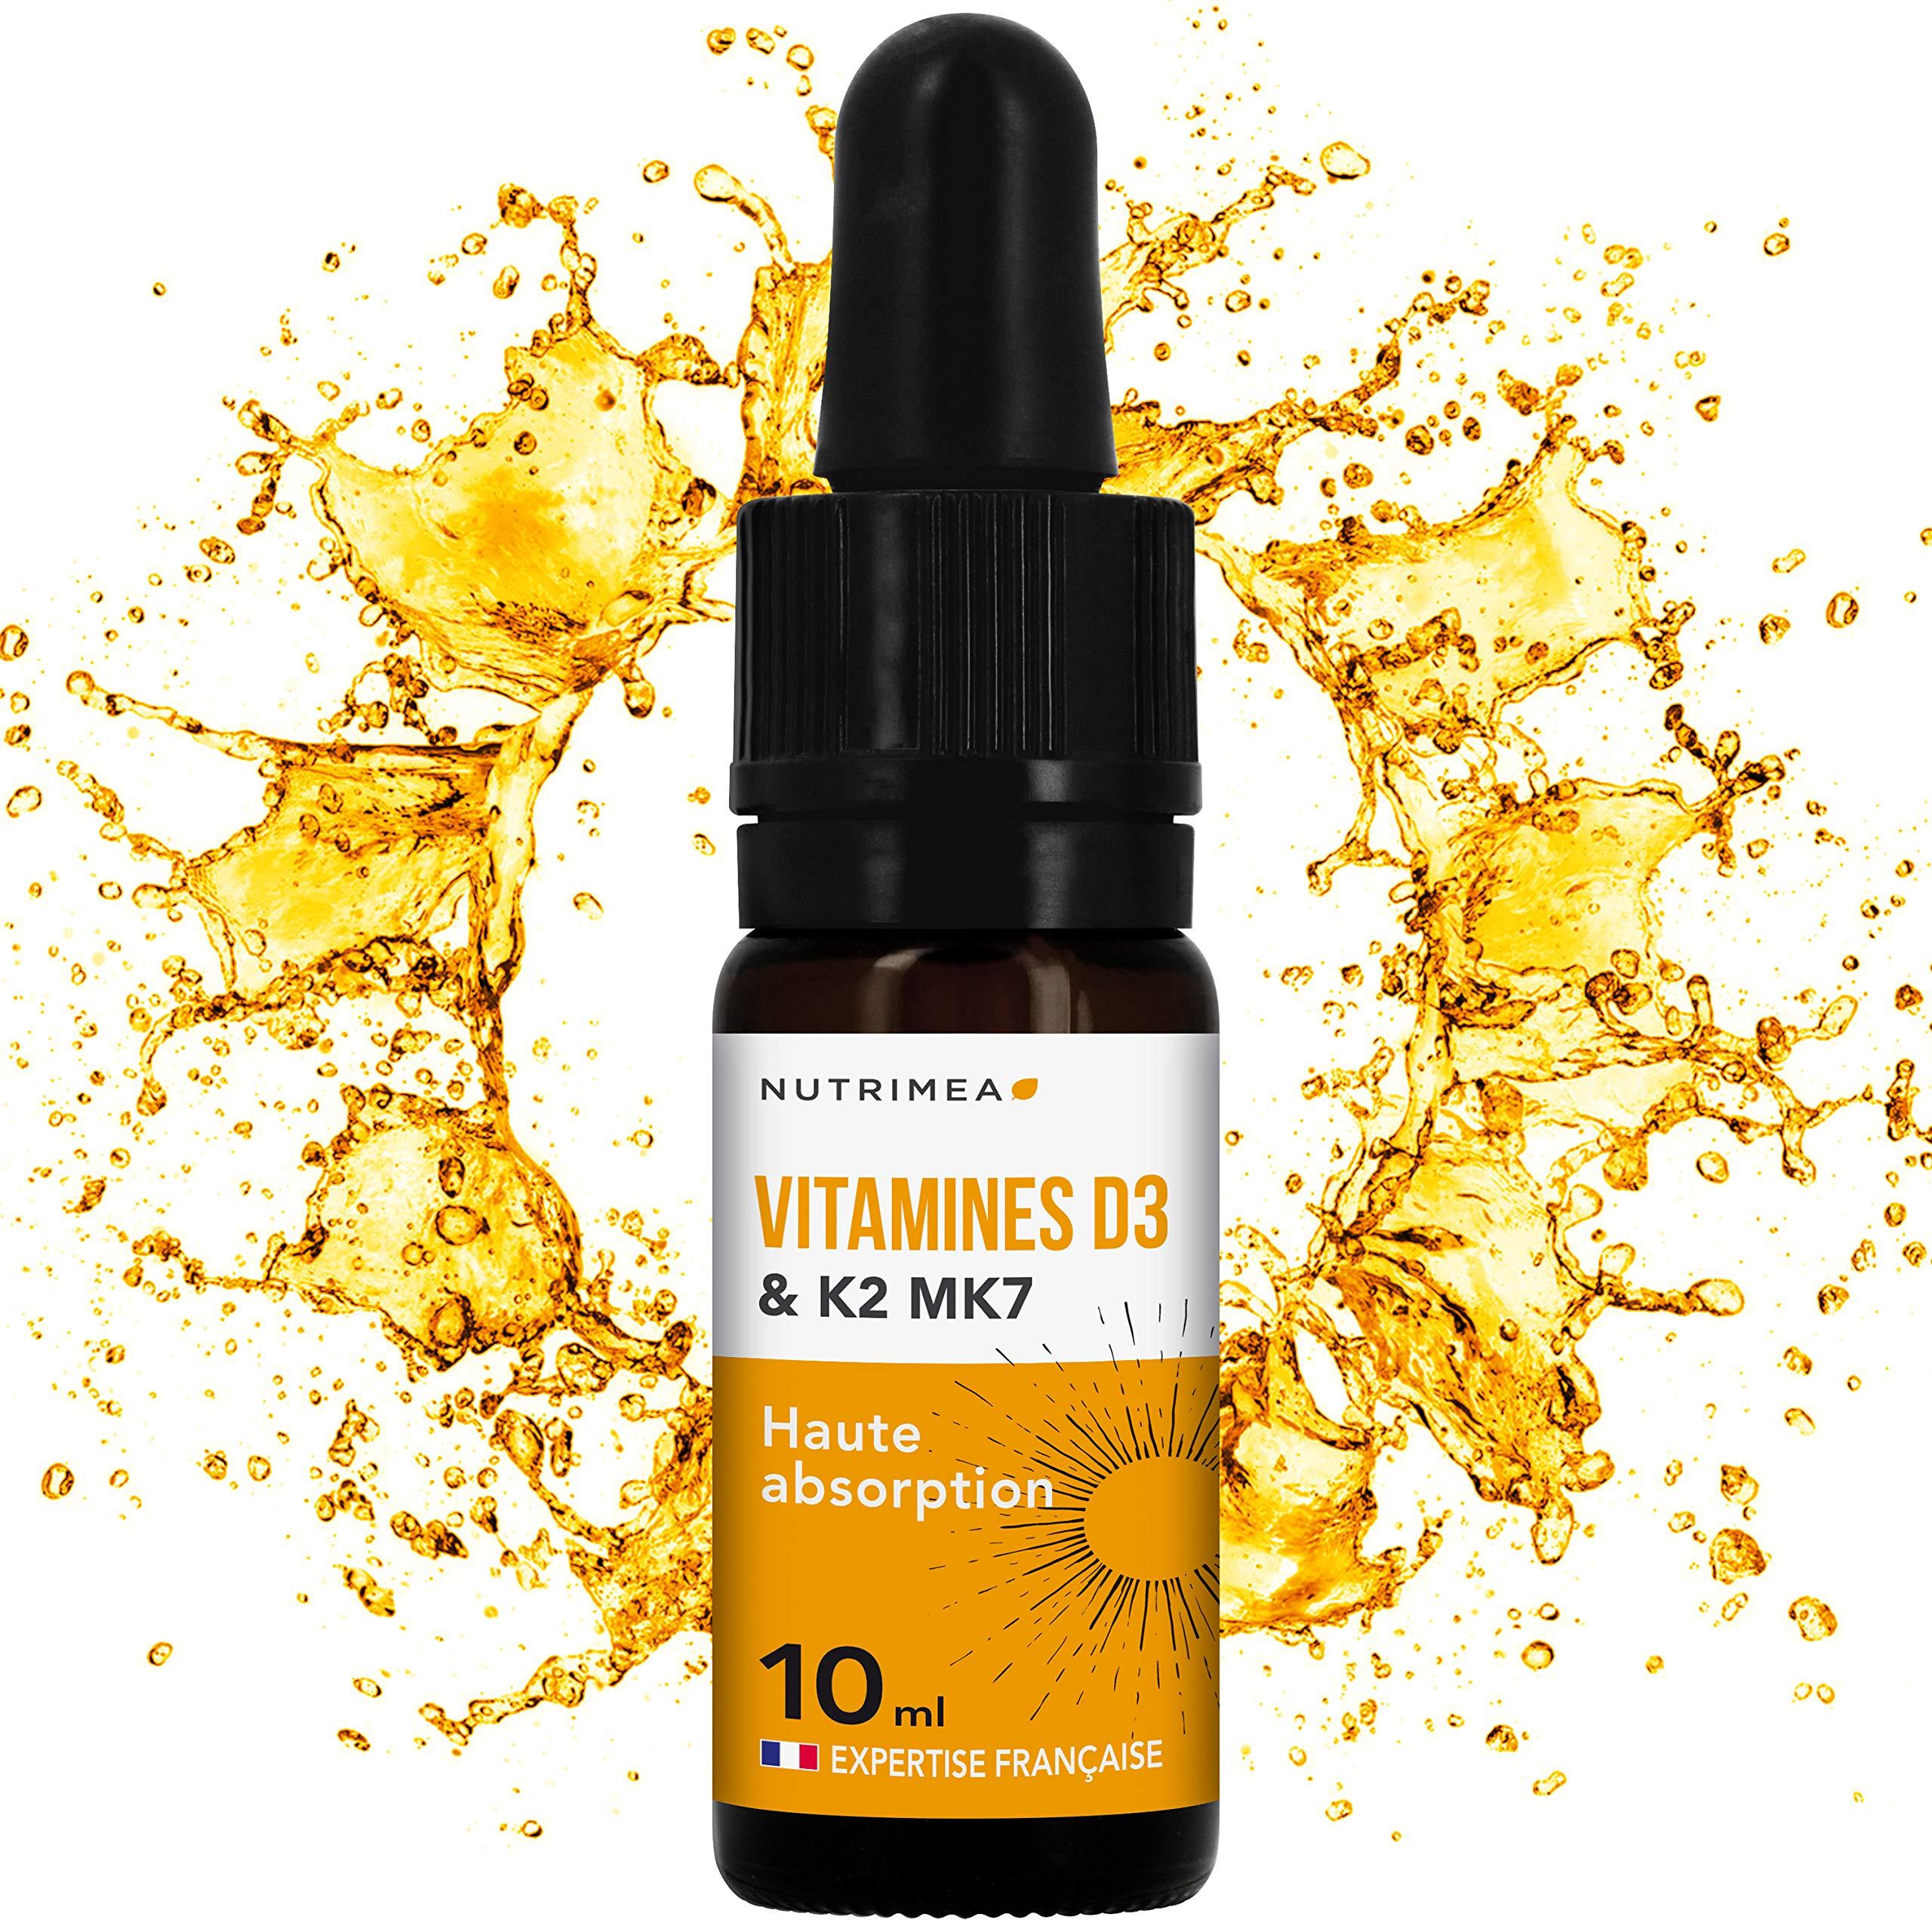 VITAMINES D3 K2 MK7 ▪️ 100% Pure et Naturelles avec Huile d'Olive Bio ▪️ Renforce l'immunité, santé dents, os, muscles▪️ Flacon compte-gouttes product image